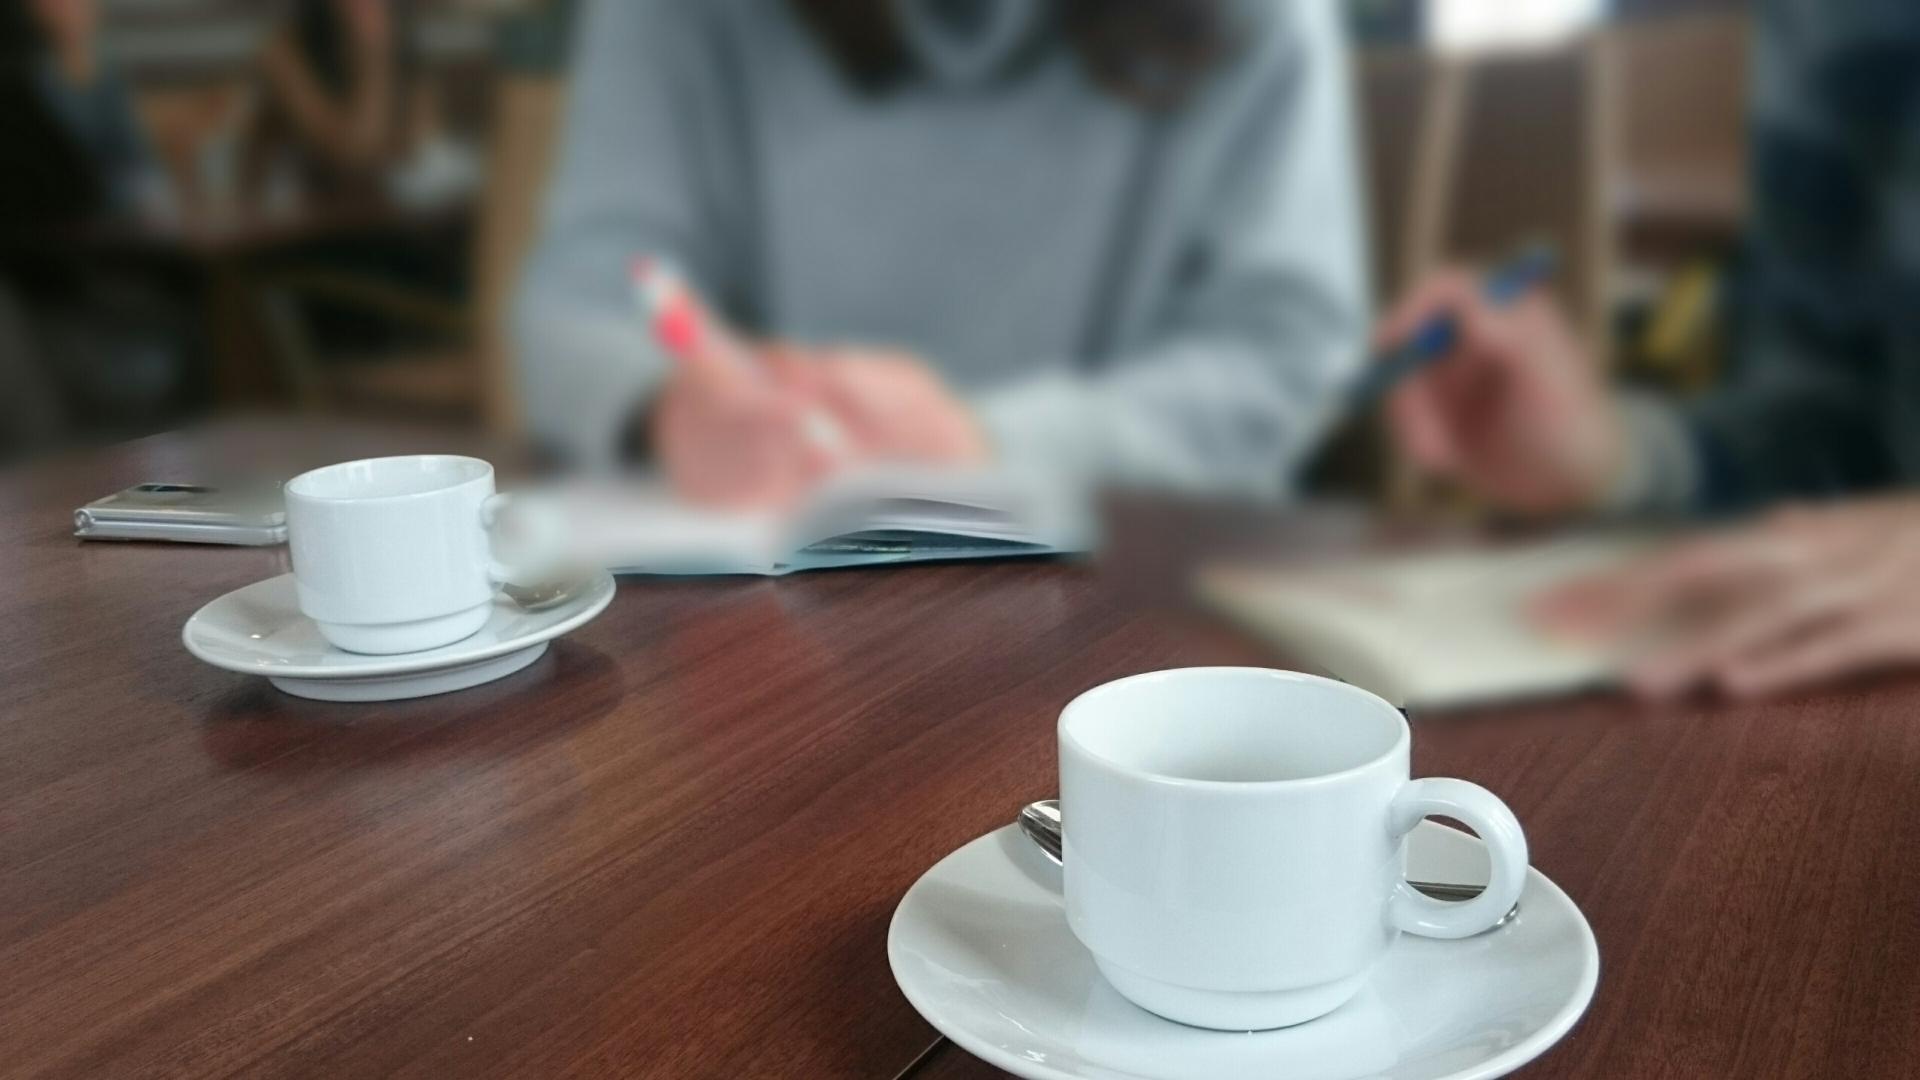 ママ友が少ないと保活に関する情報交換が出来ないので精神的に苦労する